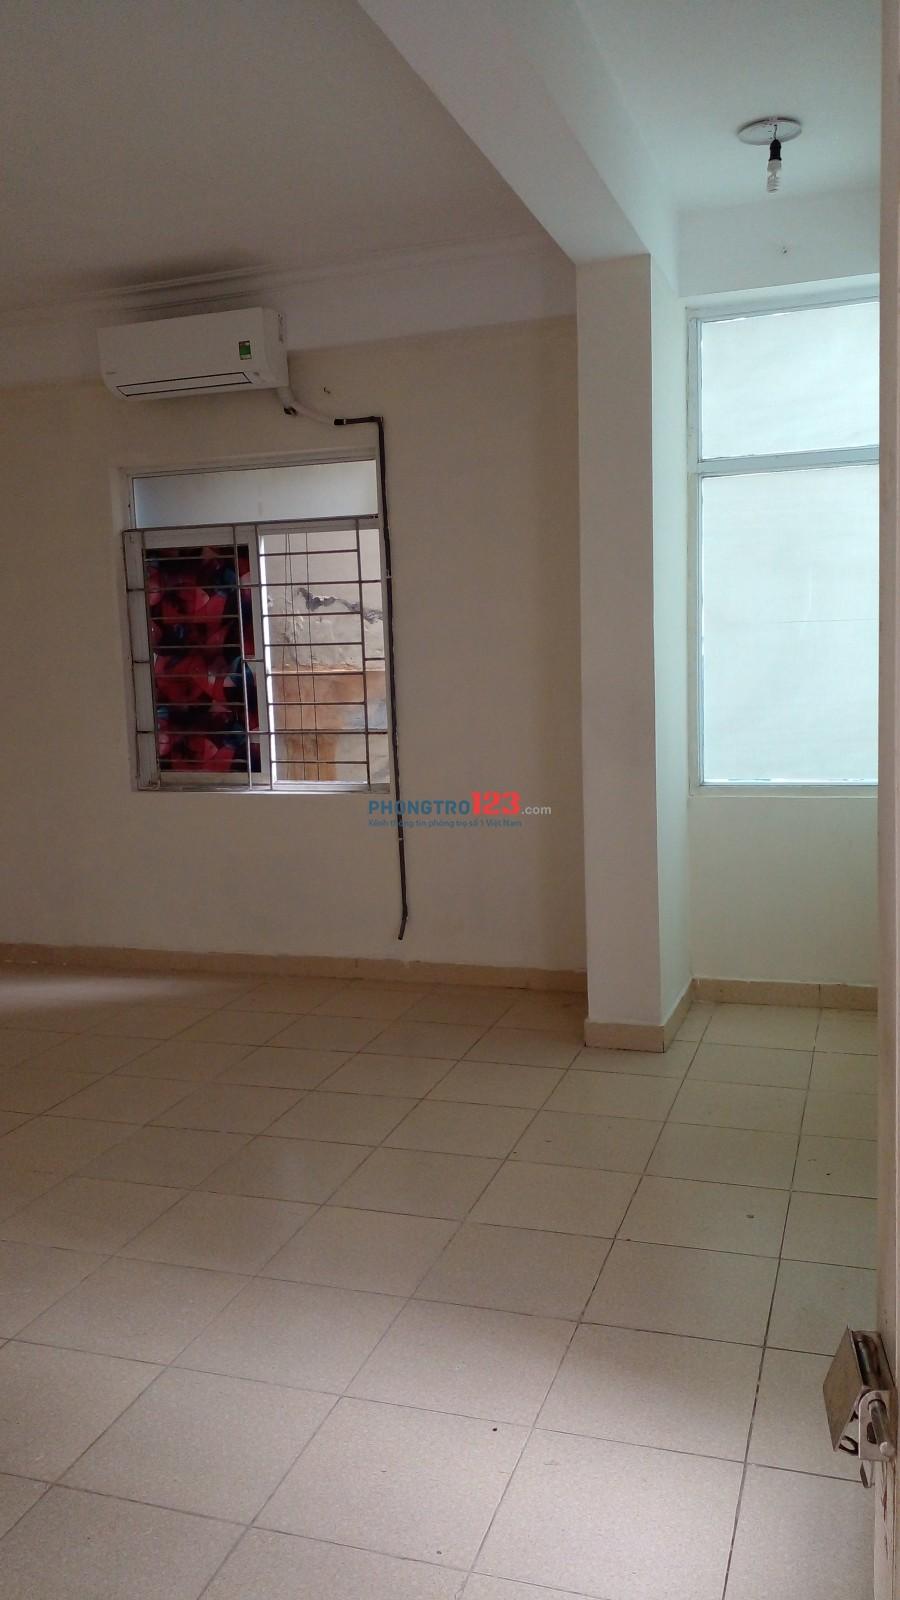 Cho thuê phòng trọ khu vực 17 ngõ 44 Phố Pháo Đài Láng, Phường Láng Thượng, Quận Đống Đa, Hà Nội